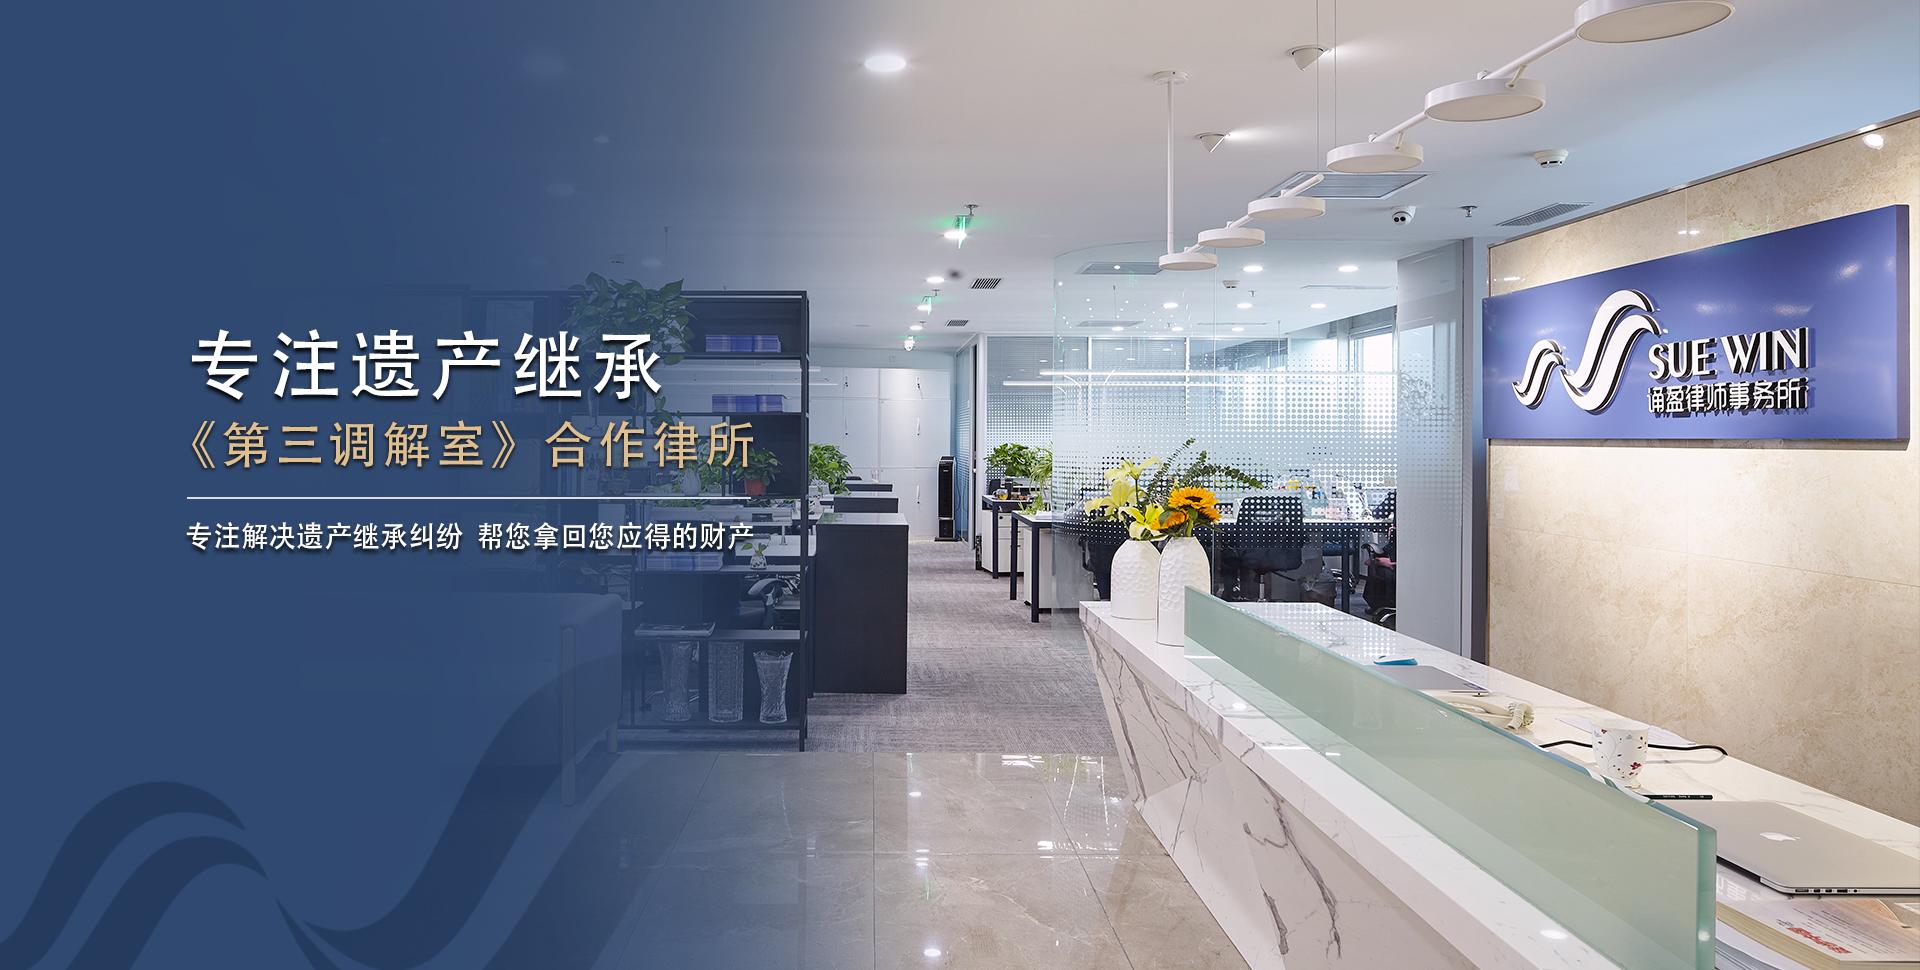 北京诵盈律师事务所